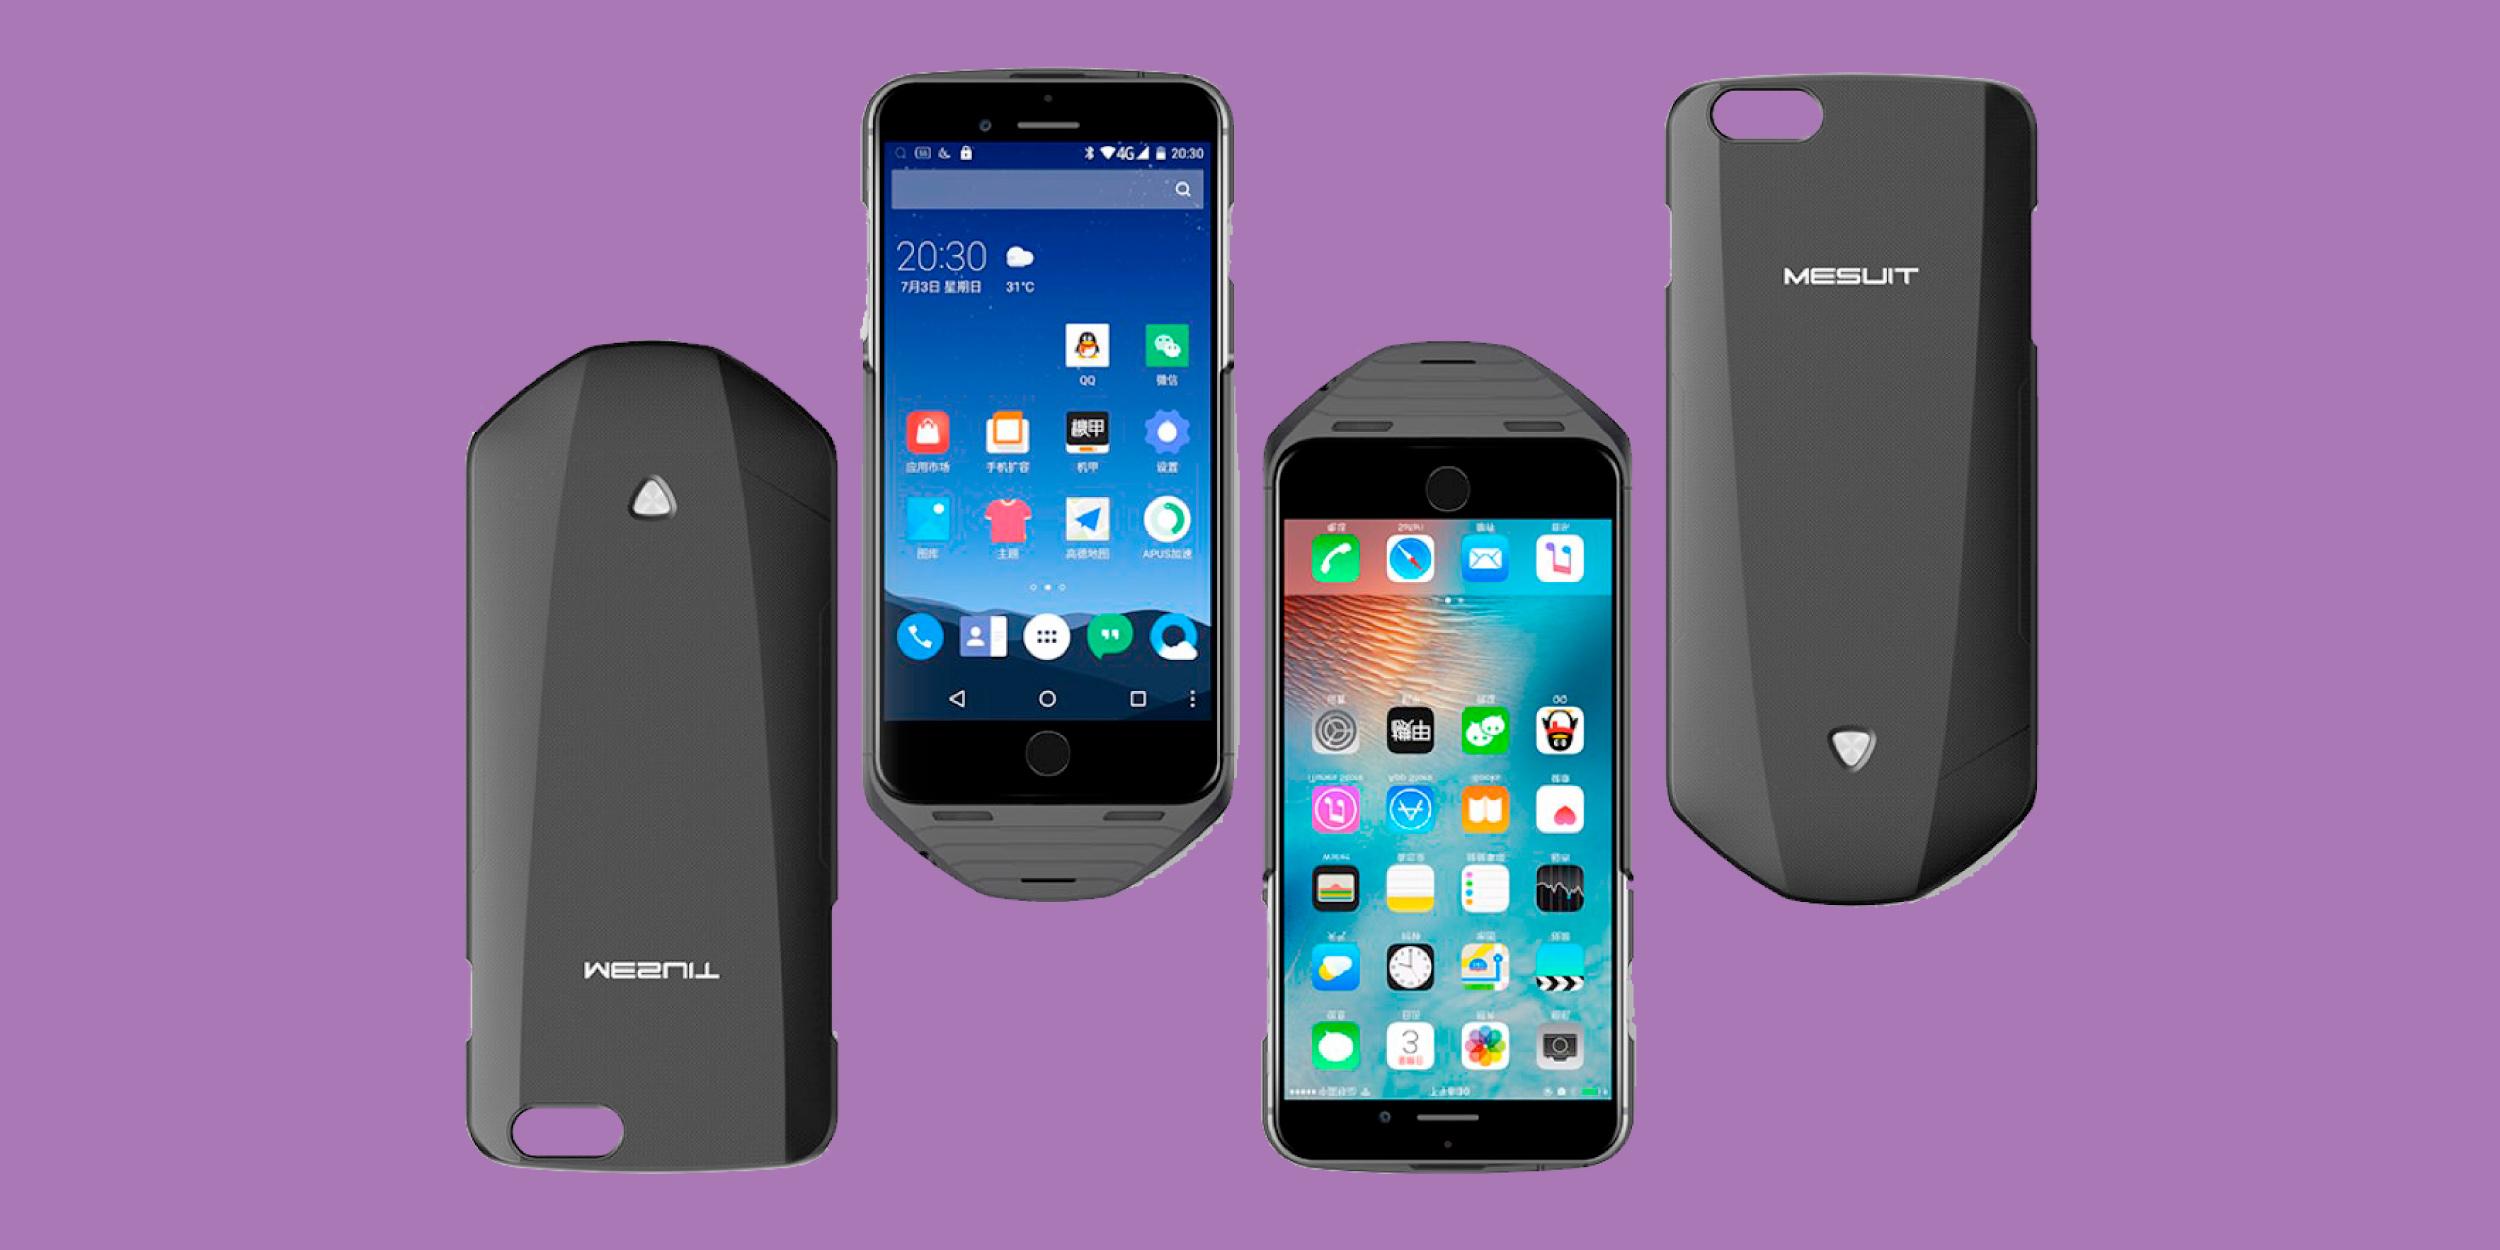 MESUIT: теперь запустить Android на iPhone сможет каждый